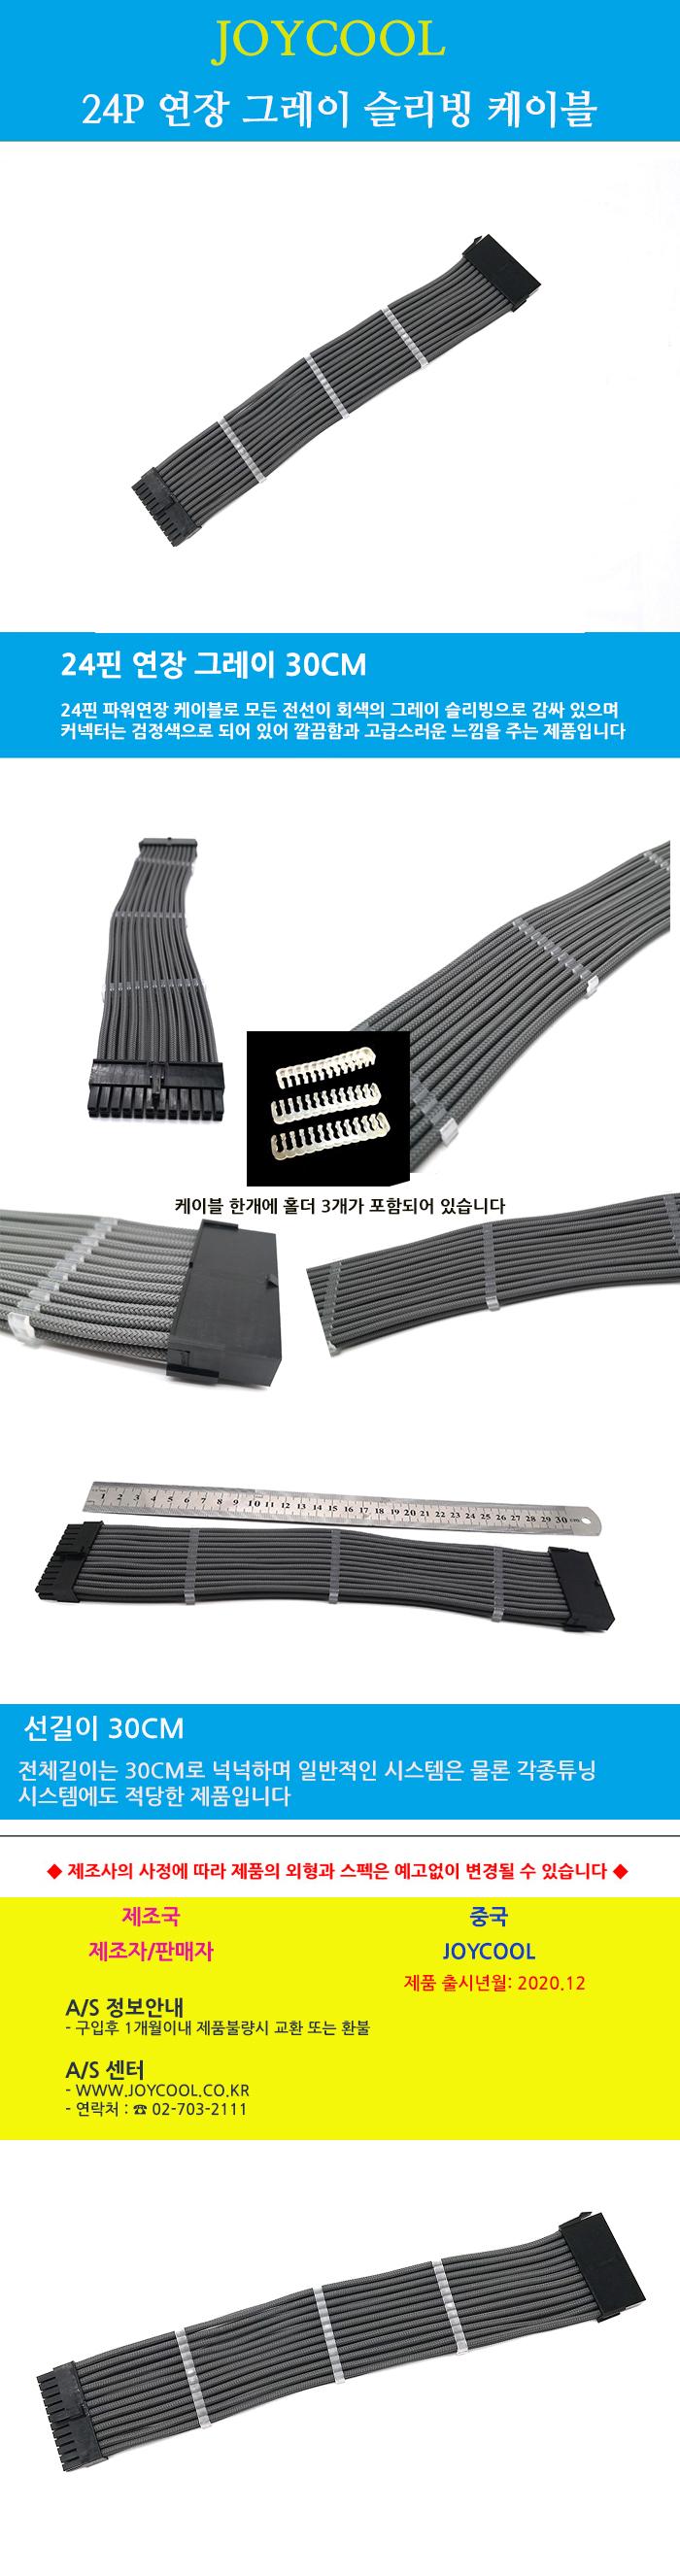 조이쿨 조이쿨 24핀 연장 슬리빙 케이블 (그레이, 0.3m)